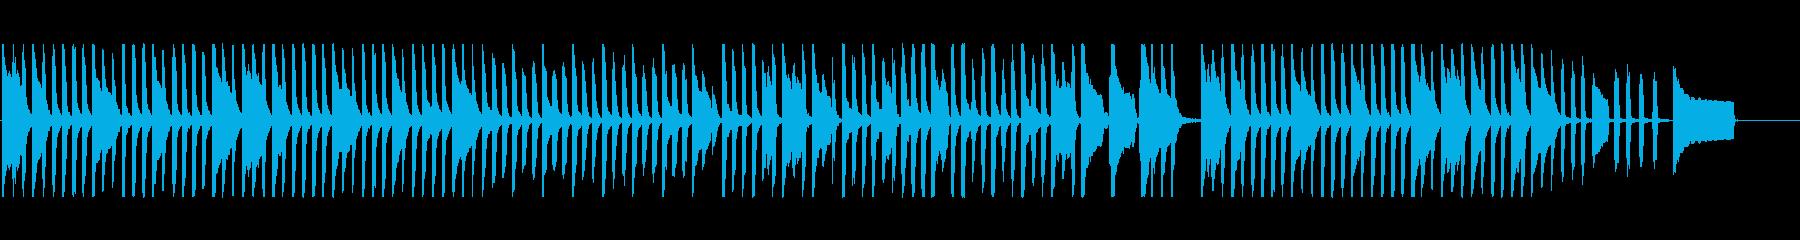 レトロな遊園地で聞こえてくるような3拍子の再生済みの波形